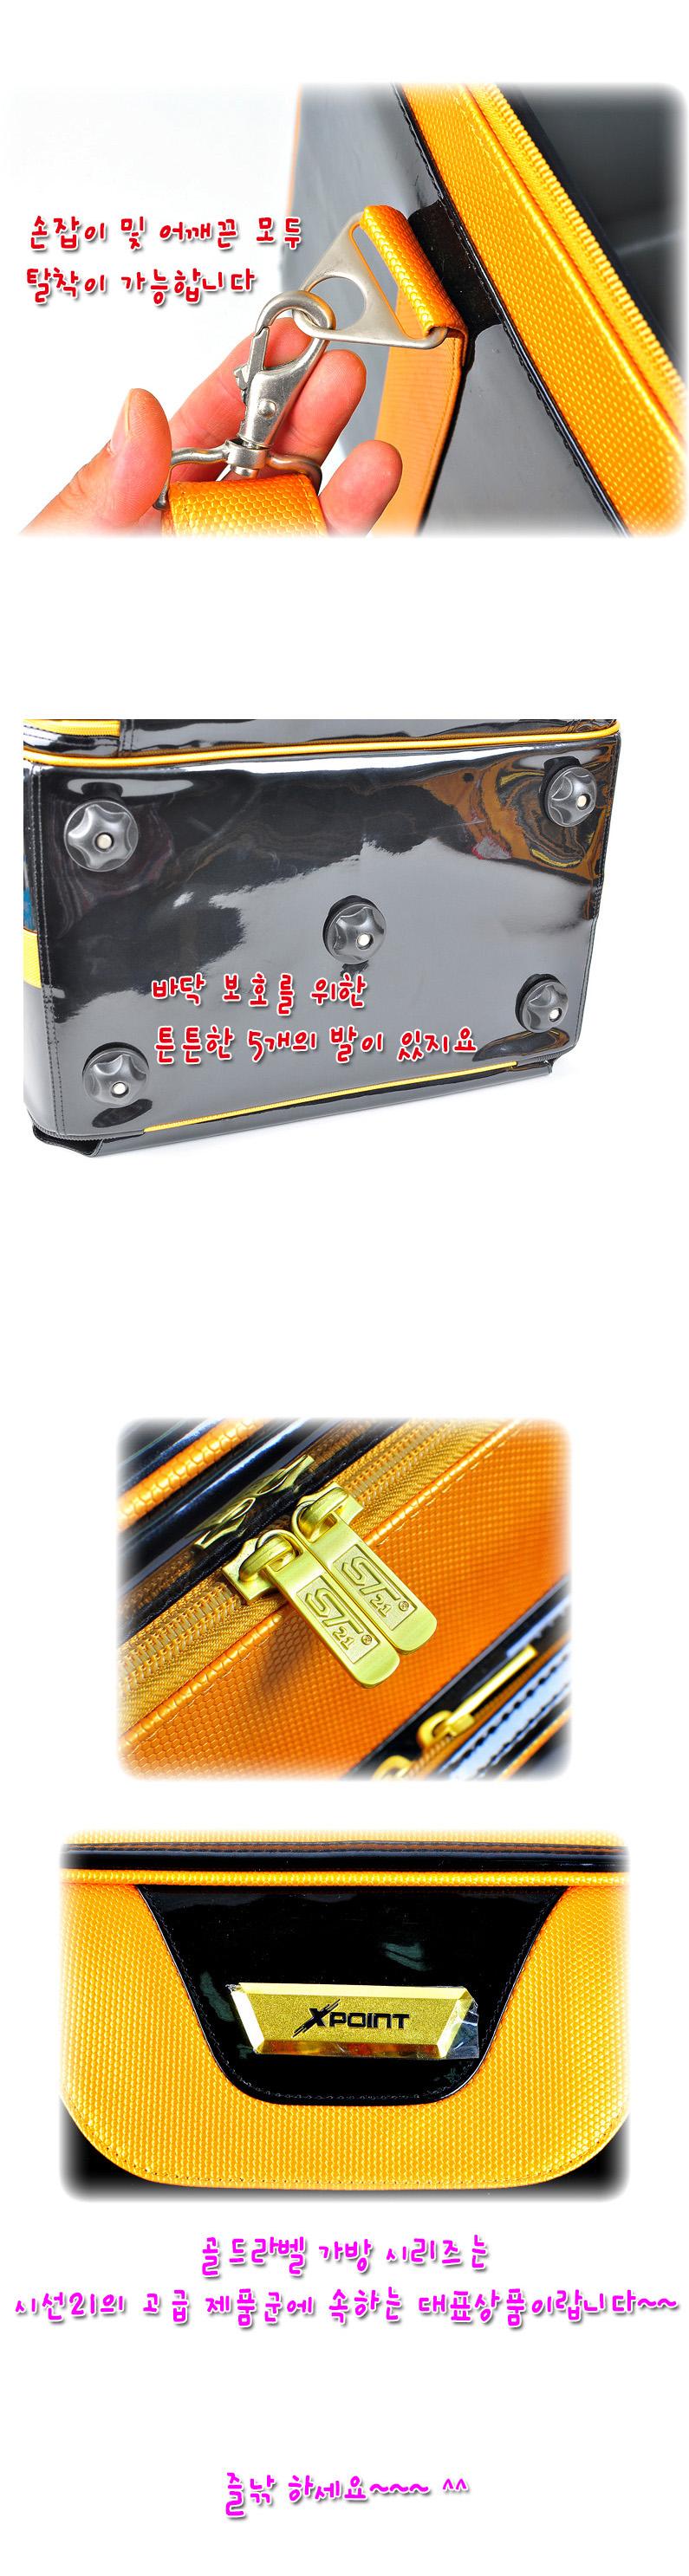 시선21 중층 보조가방(40L) - 상세6.jpg